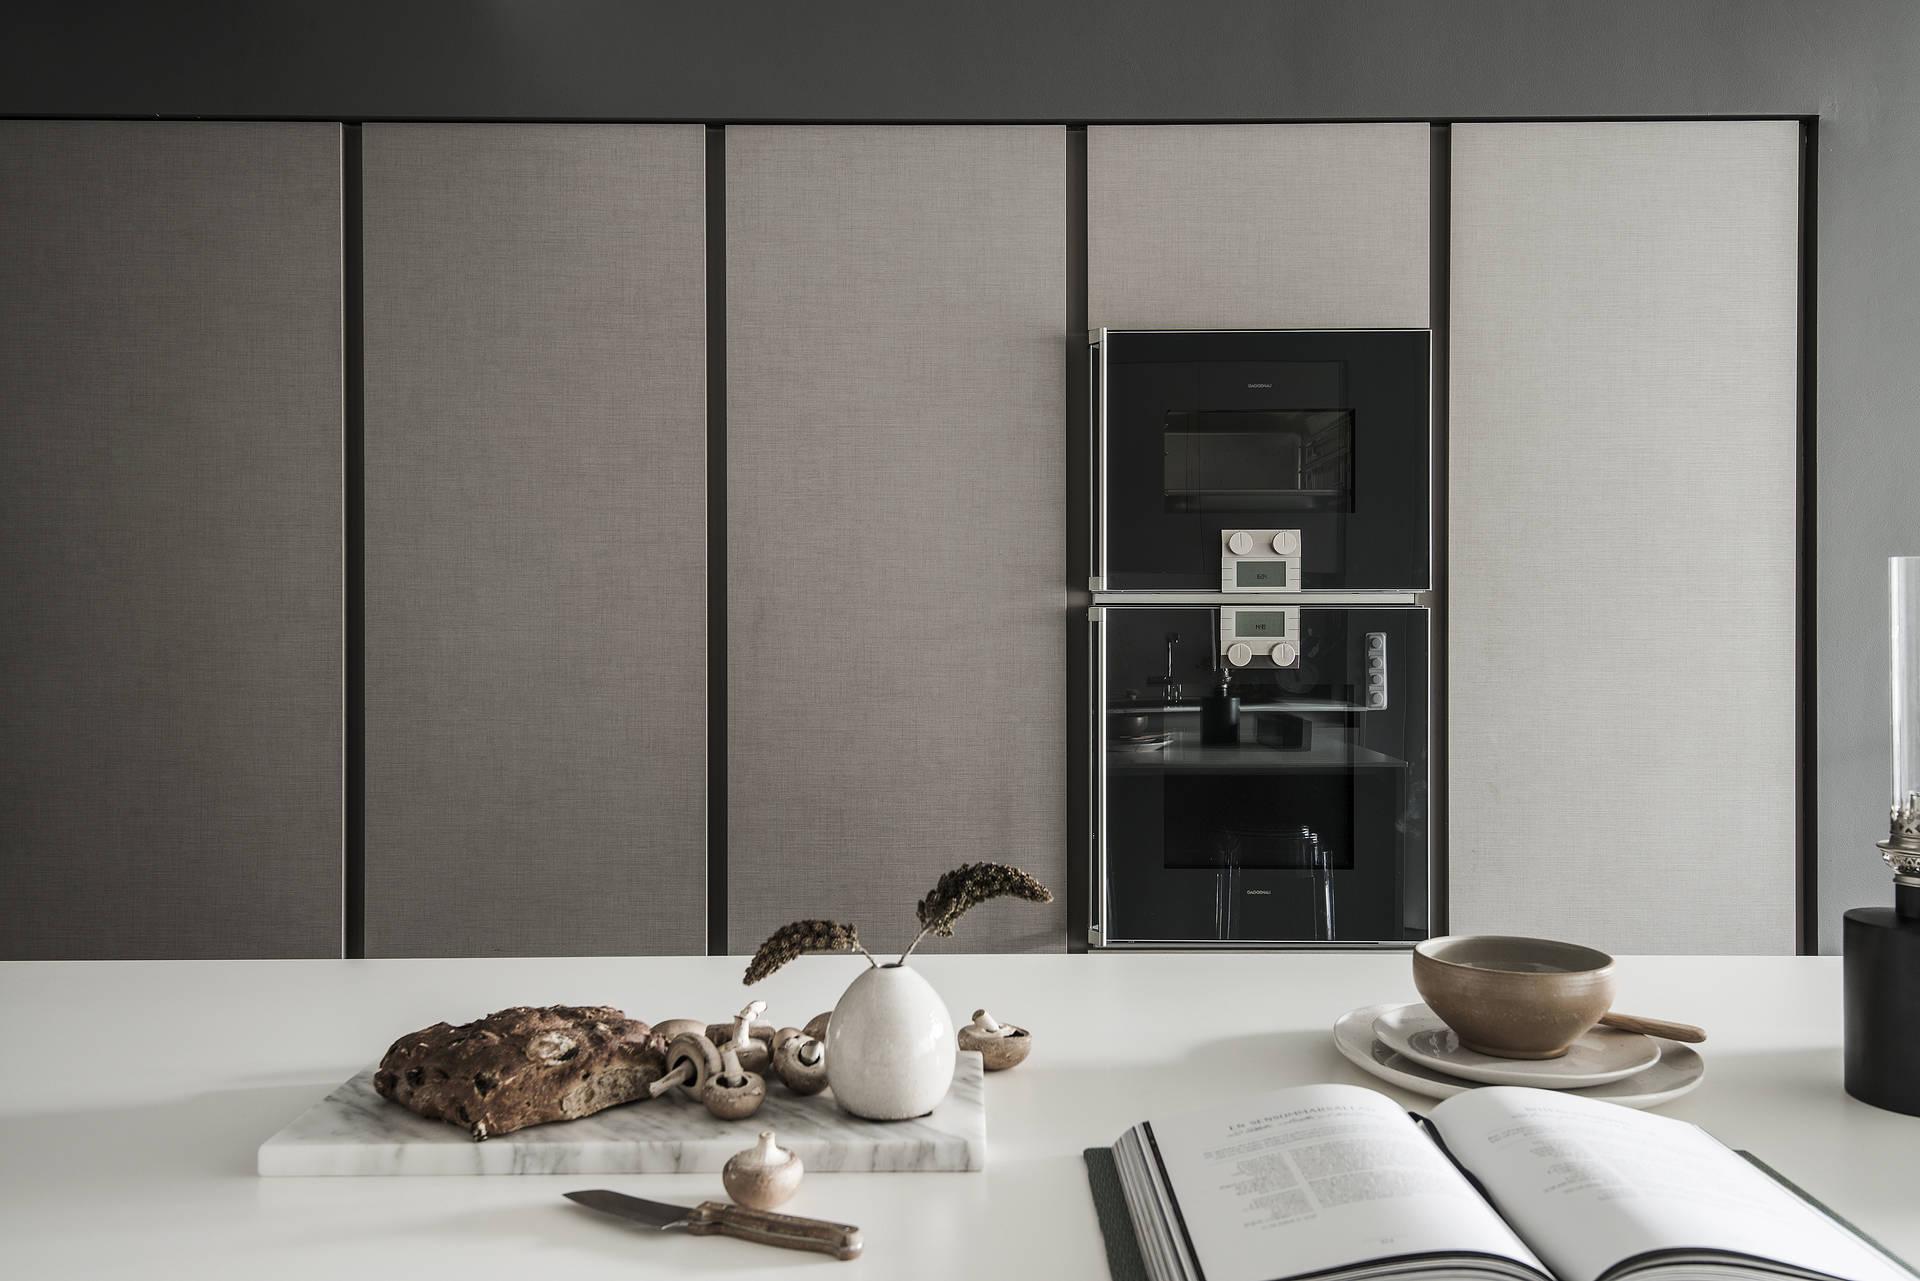 кухонная мебель встроенные шкафы Gaggenau встроенная техника